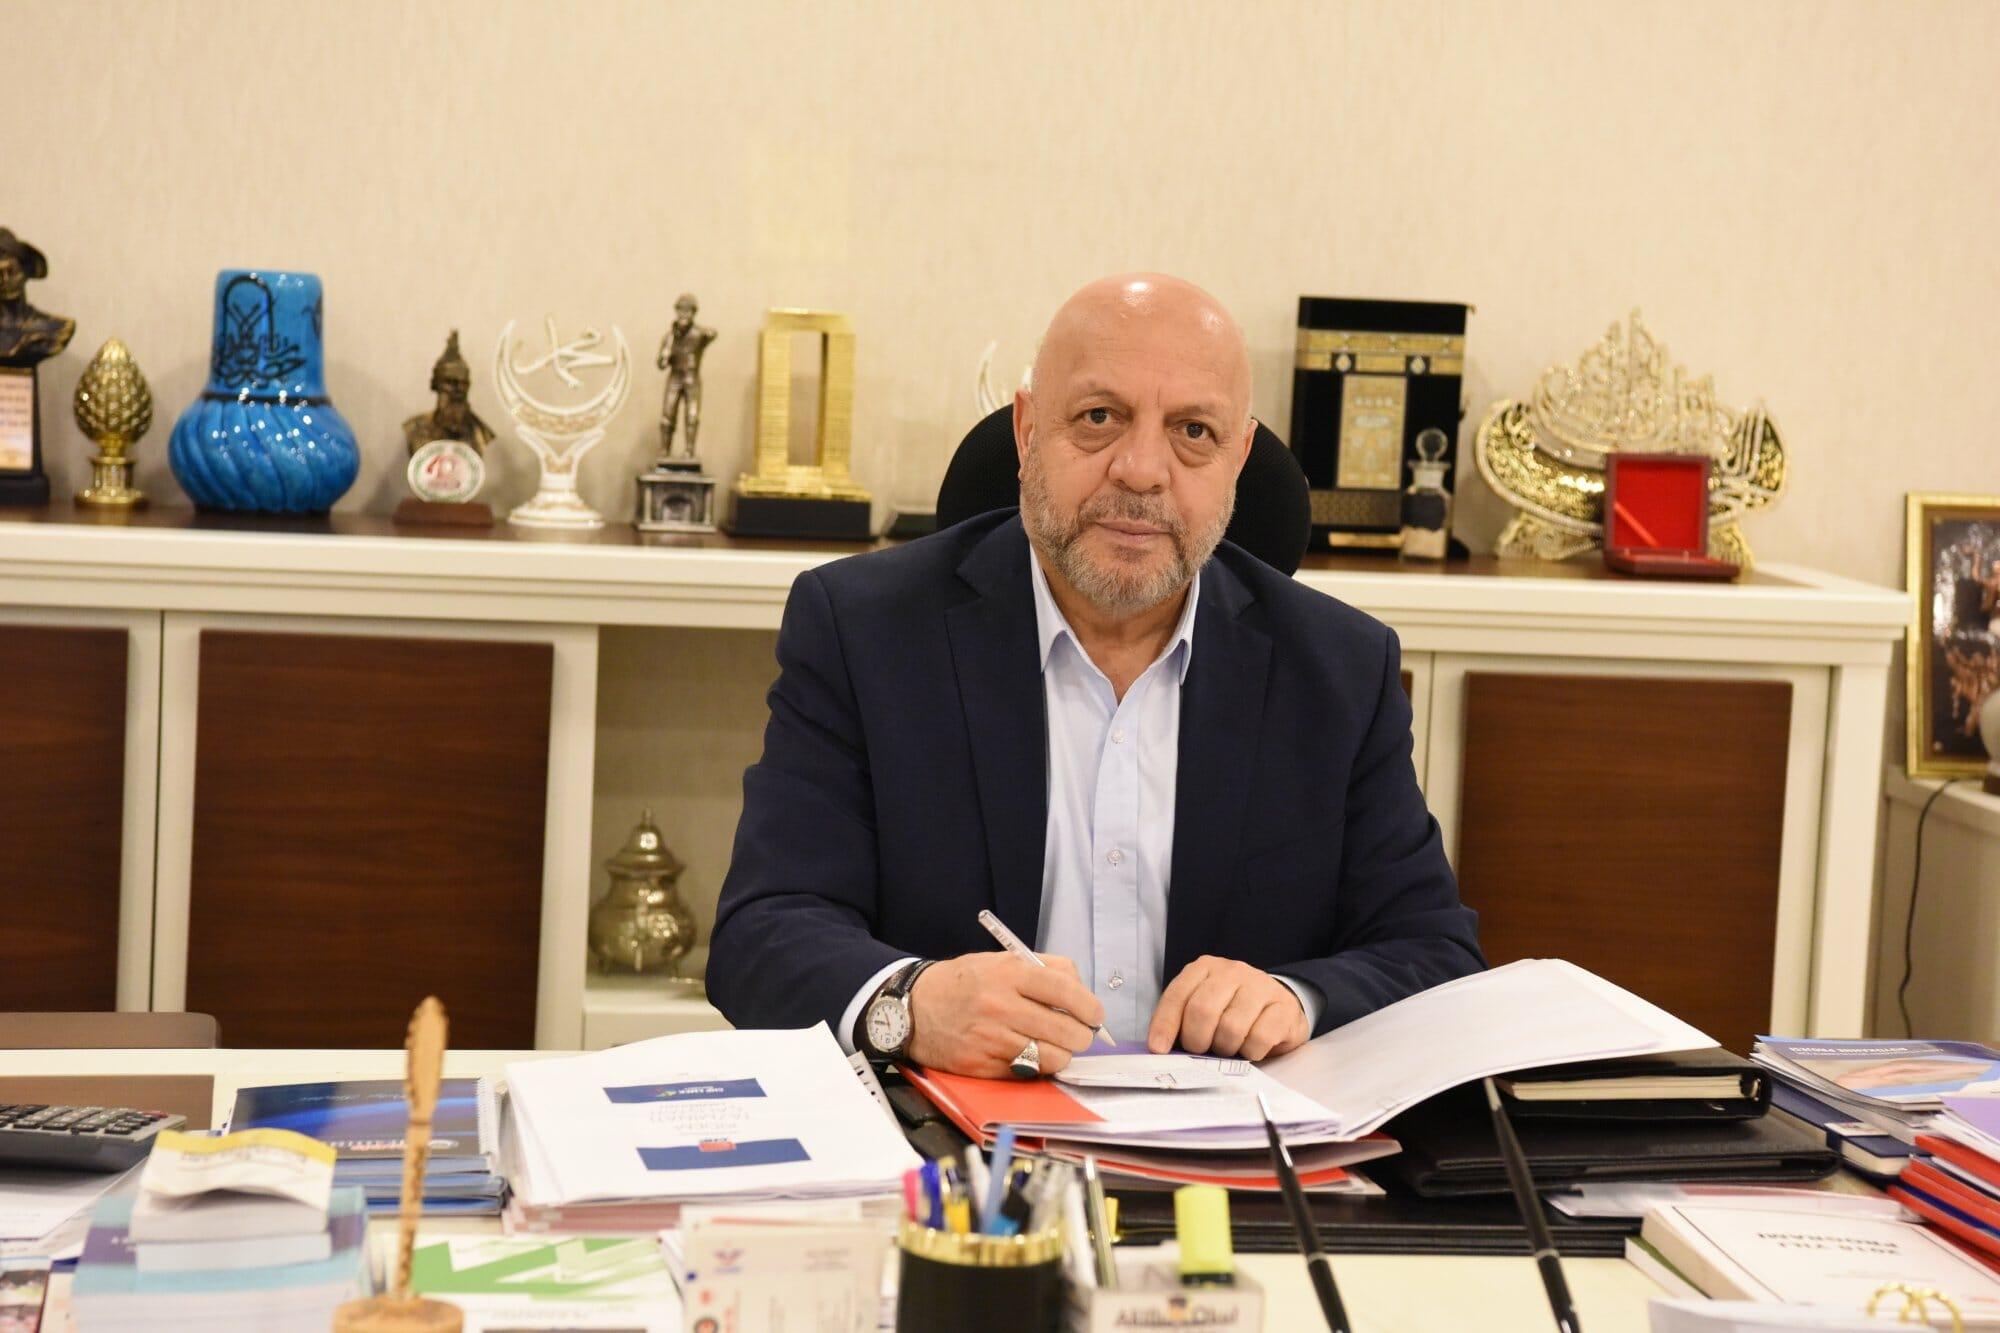 """Hak-İş Başkanı Arslan: """"Sandığa gidelim, oyunu bozalım"""""""